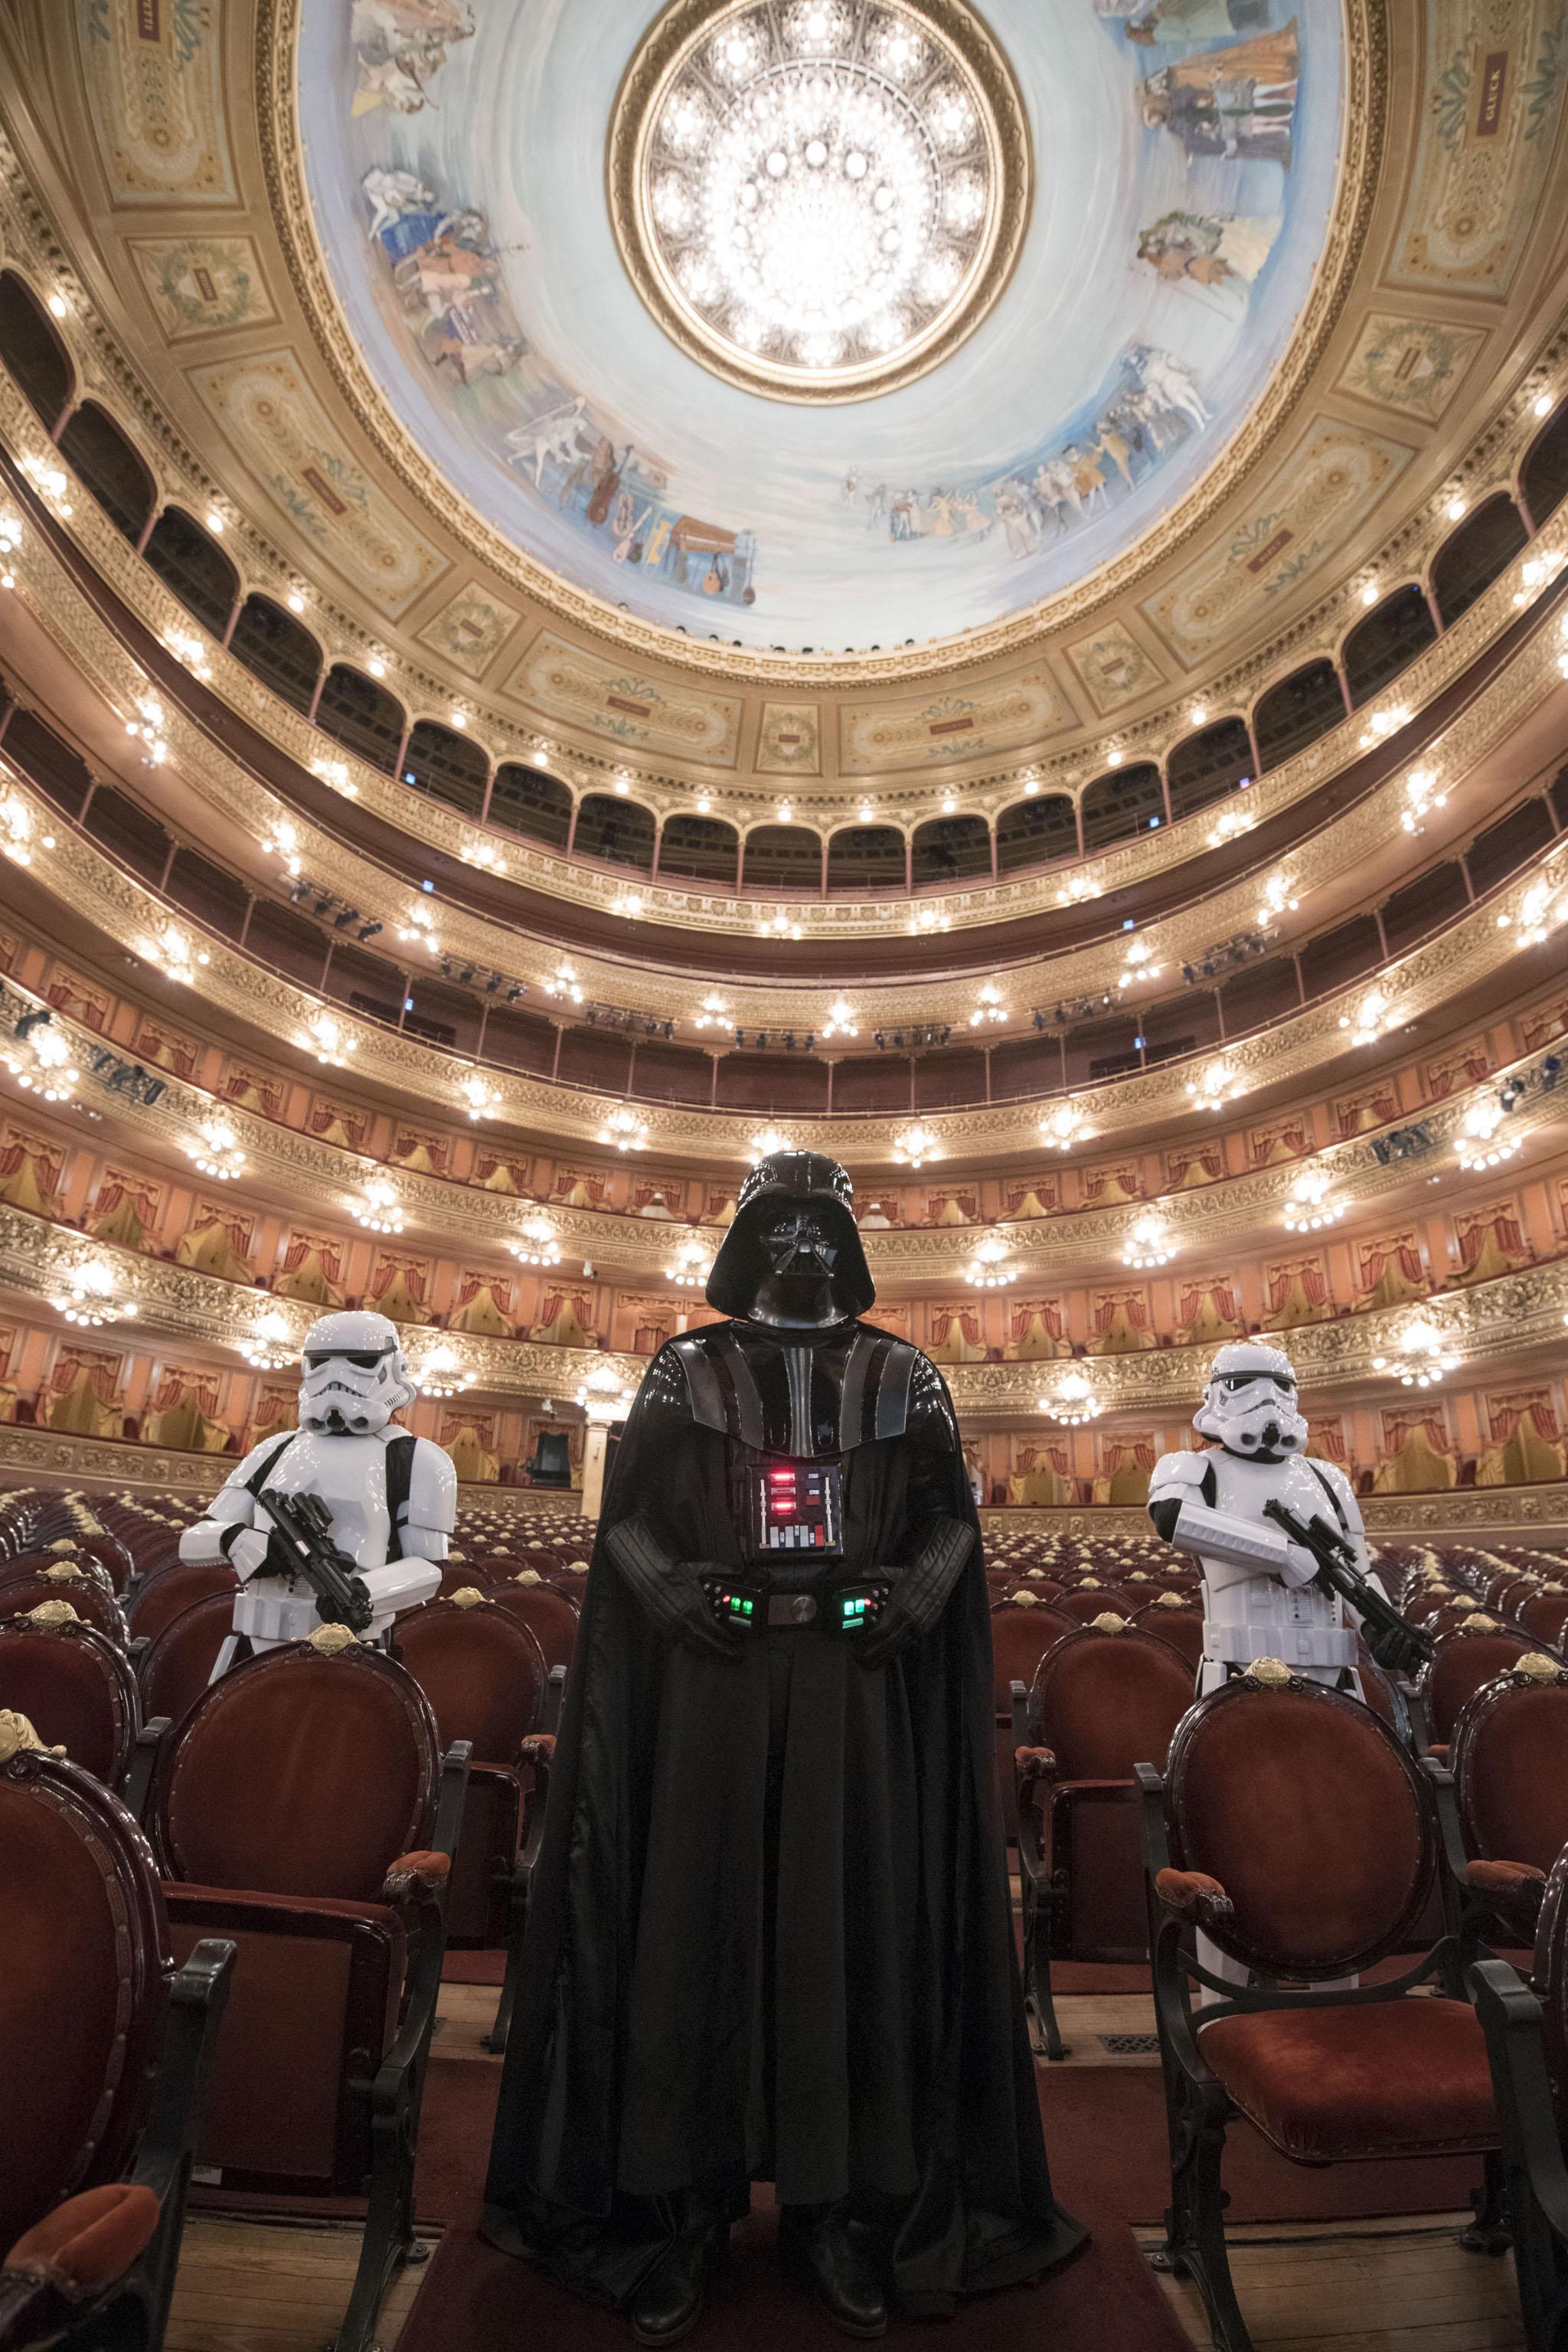 Los personajes de Star Wars cautivaron a grandes y chicos, quienes antes de la función no dudaron en tomarles fotografías y grabarlos con sus celulares